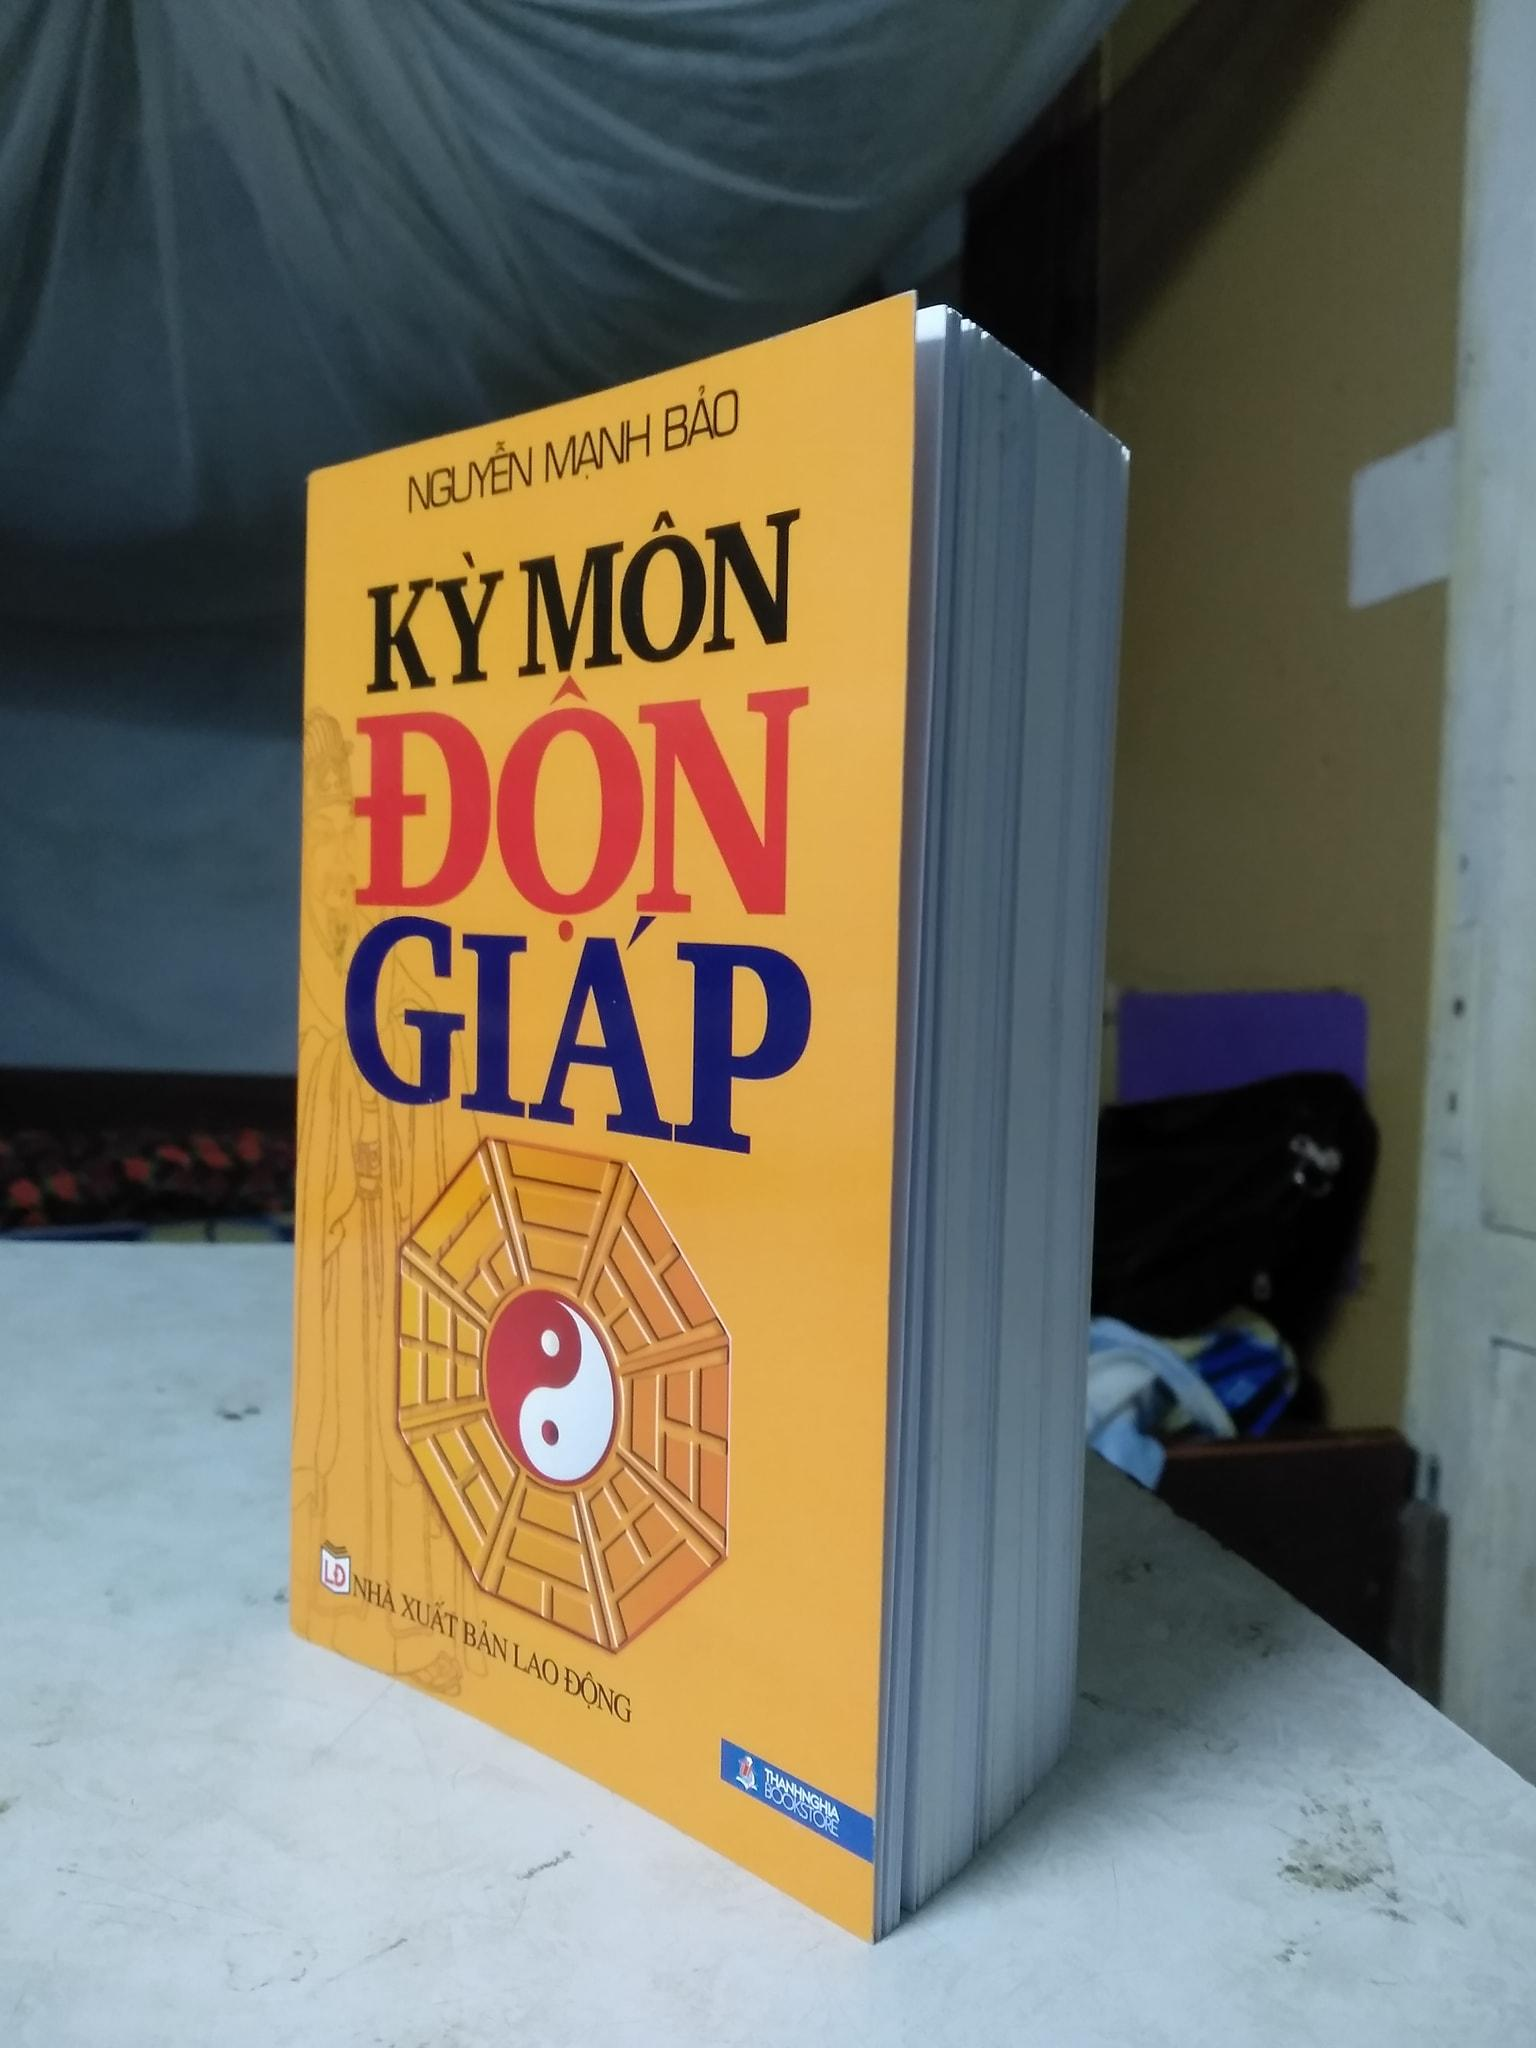 Kỳ Môn Độn Giáp Nguyễn Mạnh Bảo